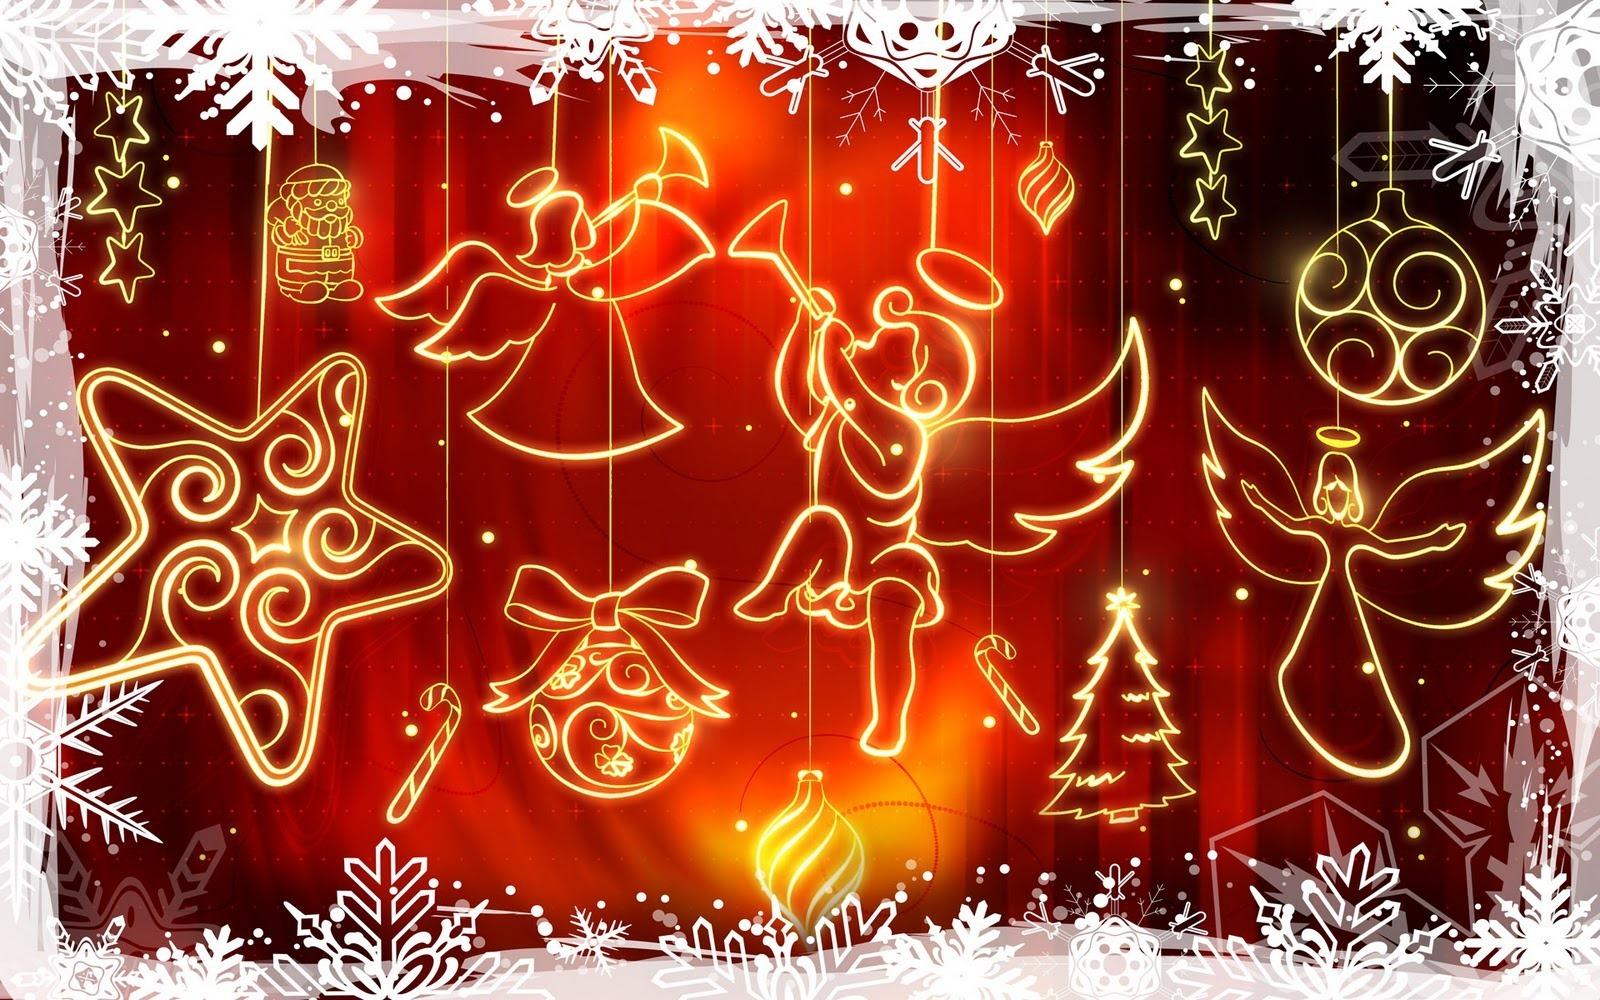 Гибкий неон – оригинальное украшение для нового года